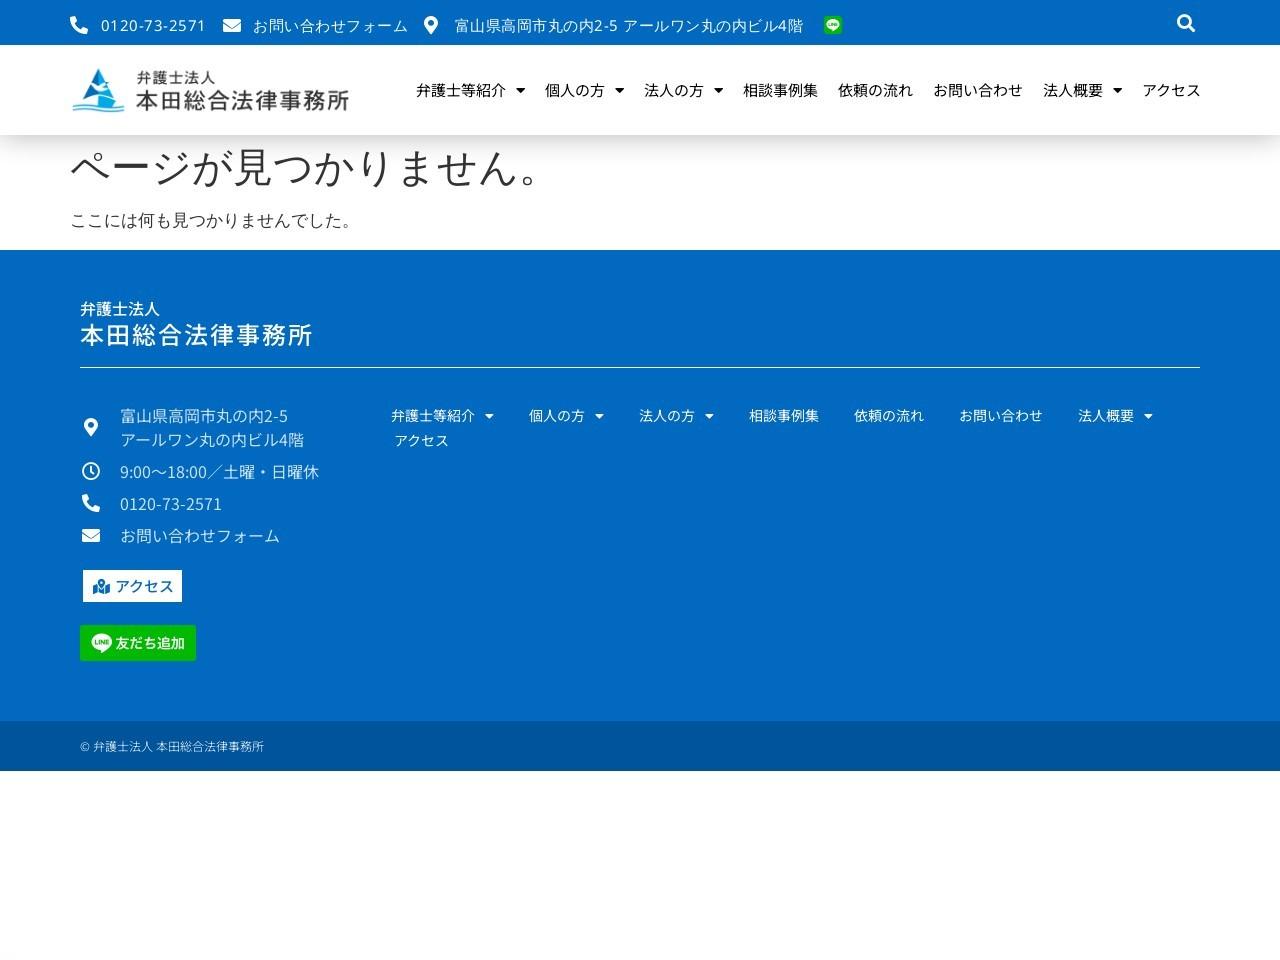 本田総合法律事務所(弁護士法人)